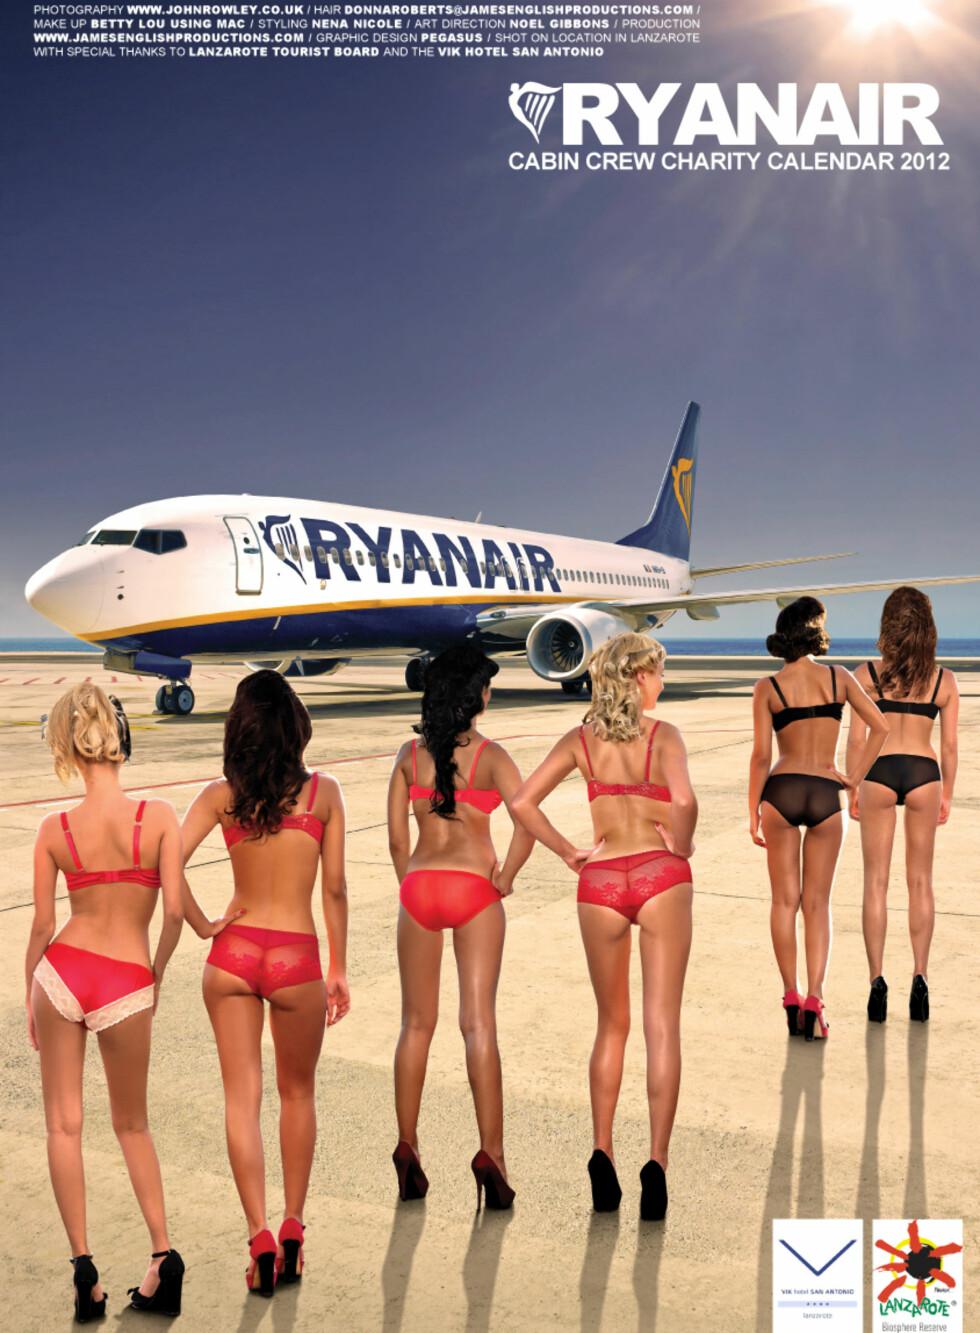 KABINMANNSKAPETS STORE DRØM? – Vi oppfordrer også kabinmannskapet til å passe vekten sin, og motiverer dem med at de kan bli avbildet i den årlige Ryanair-kalenderen, uttalte kommunikasjonsdirektør i Ryanair, Stephen McNamara.  Foto: DEBRA/Ryanair